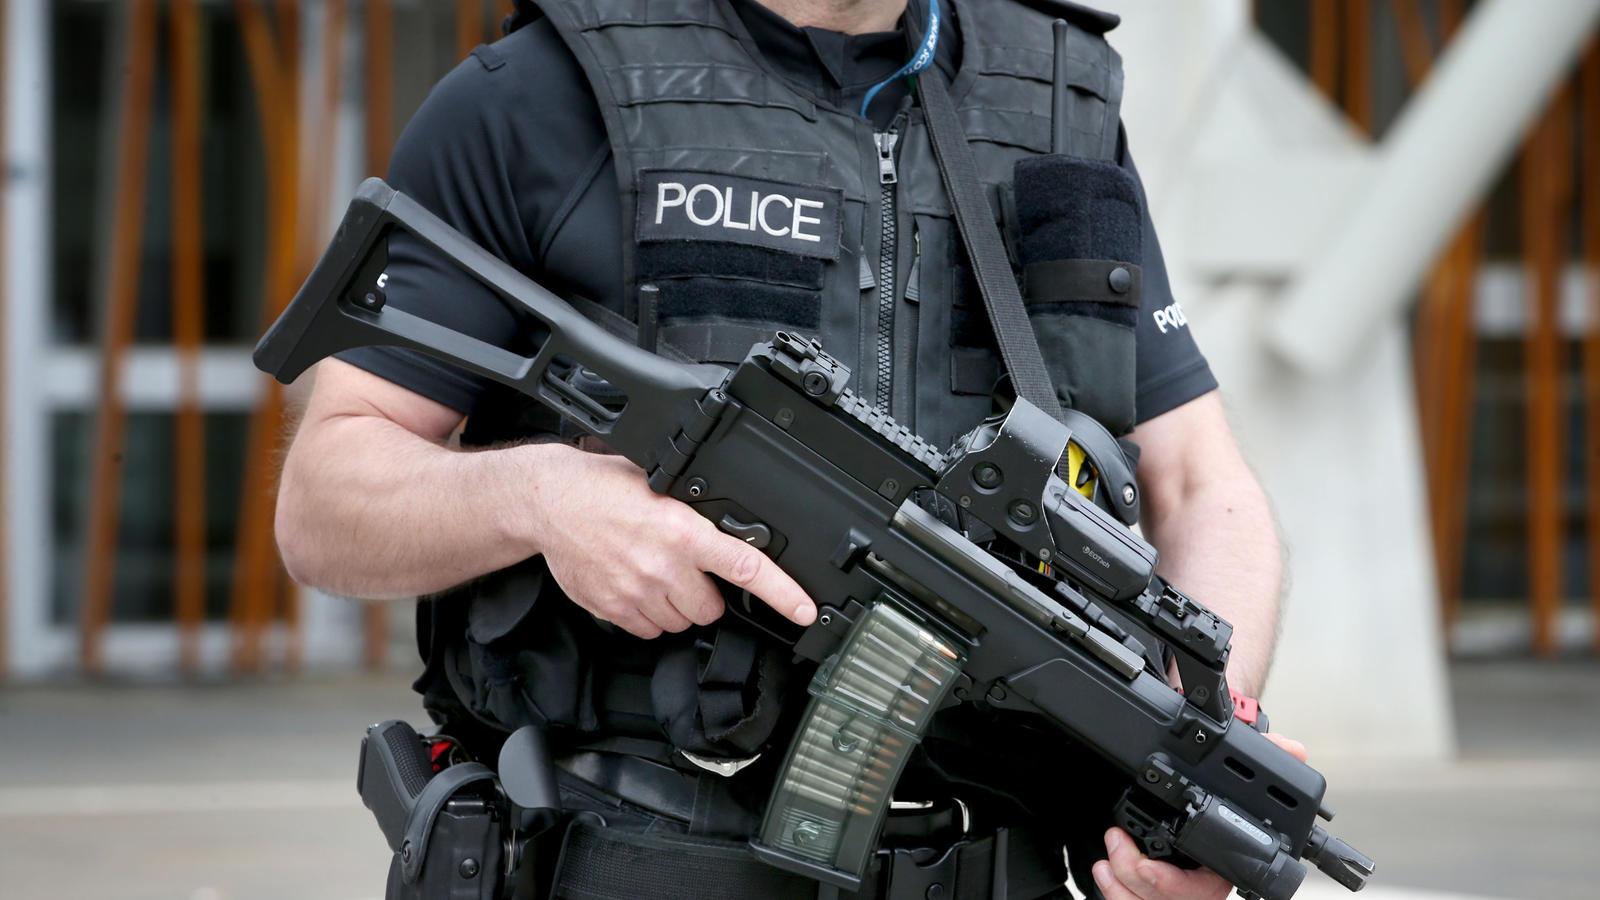 Nur wenige Tage nach dem Anschlag in Manchester gab es schon wieder eine Terrorwarnung.